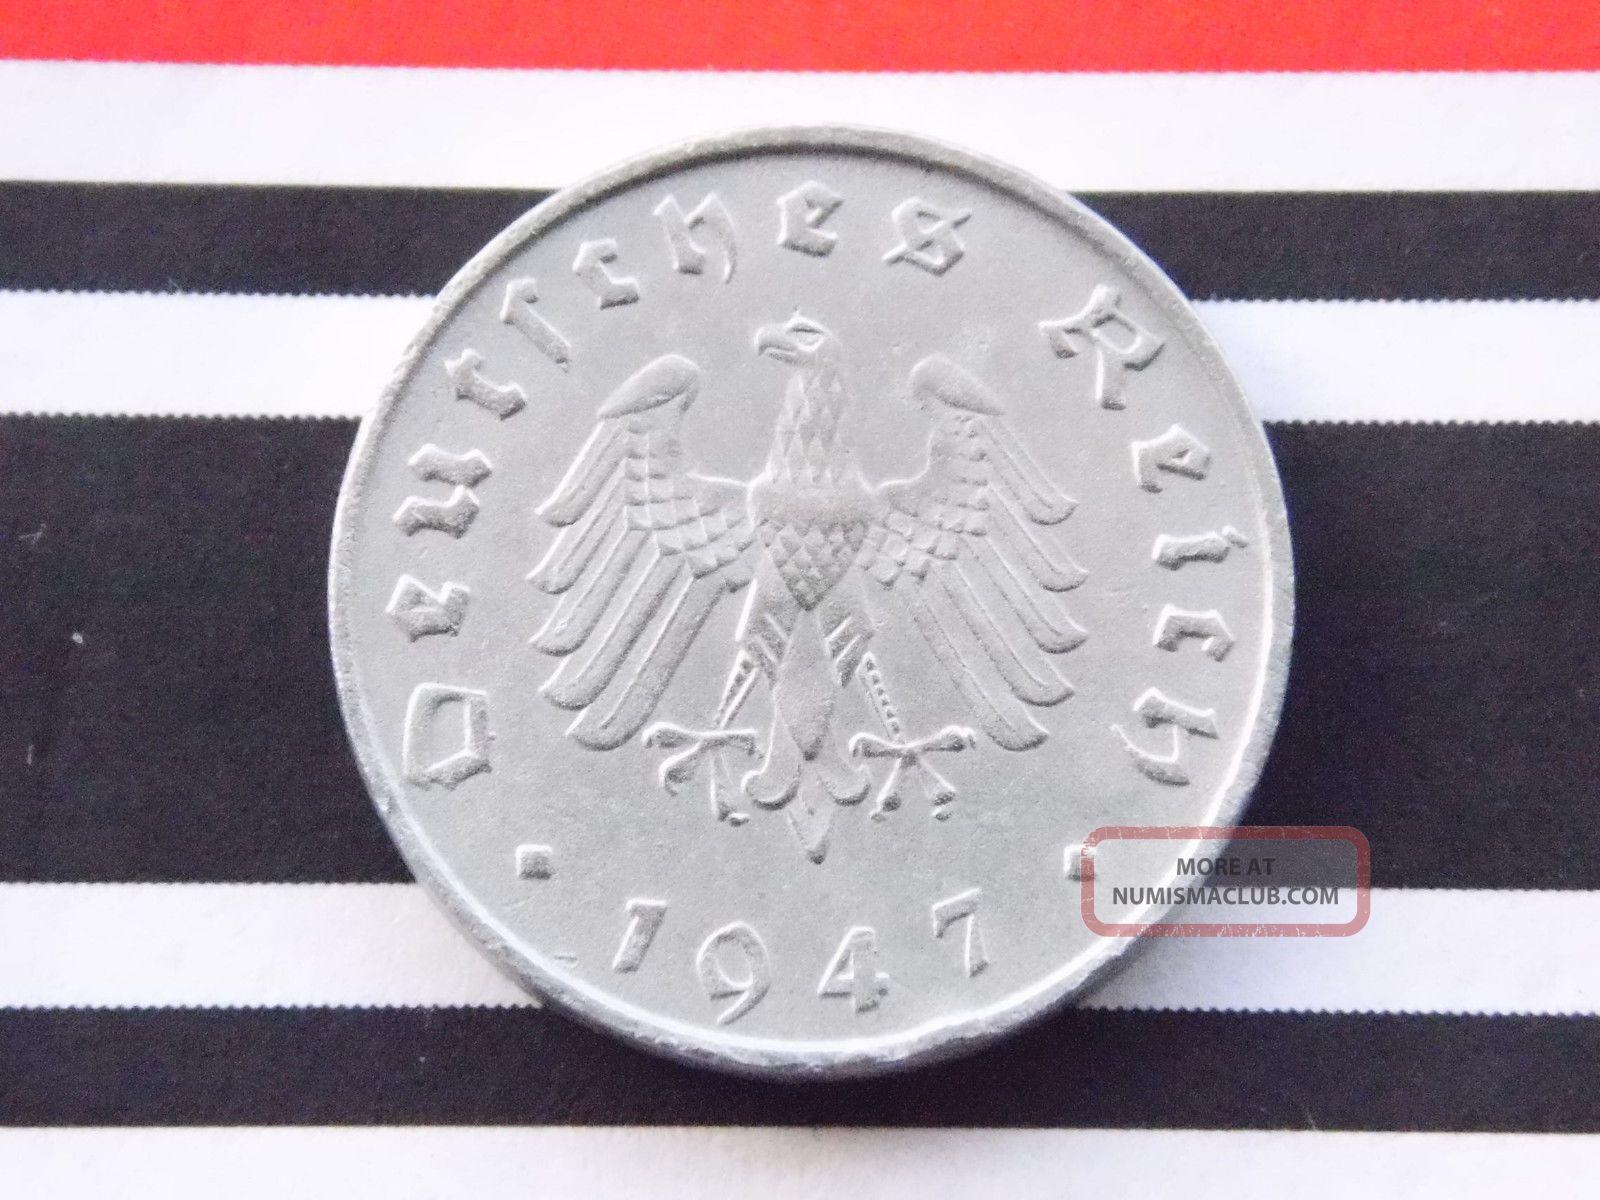 German Coin 10 Reichspfennig 1947 A Zinc Allied Occupation Thrid